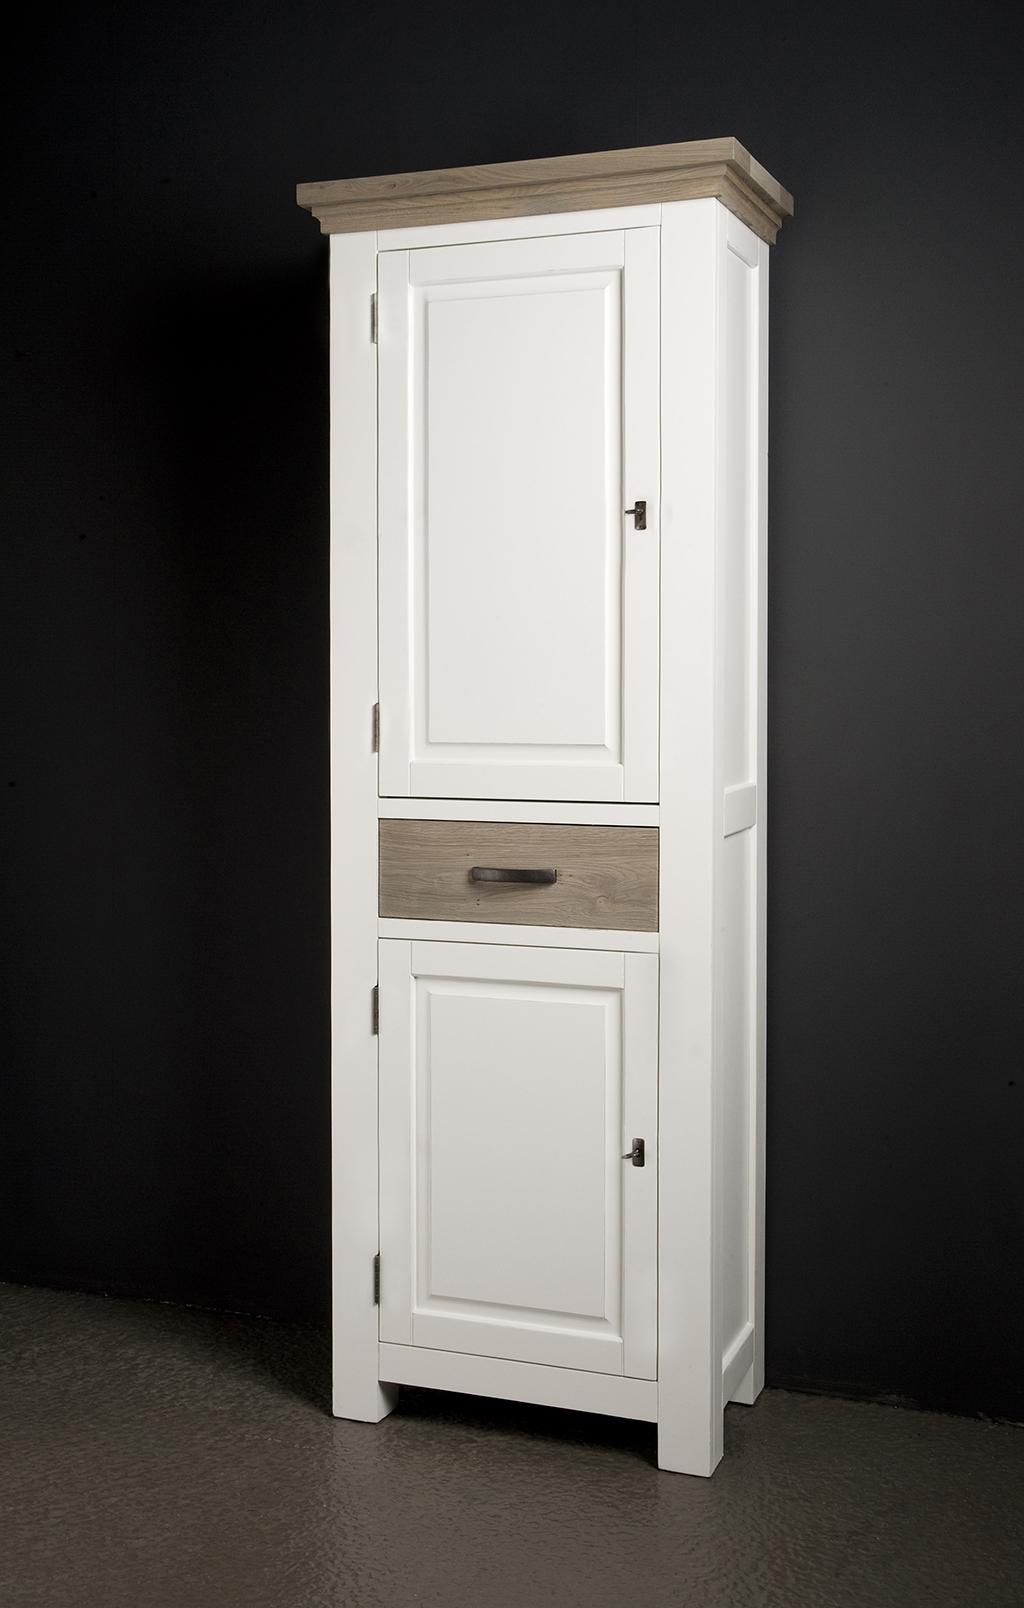 Parma Opbergkast 70 cm